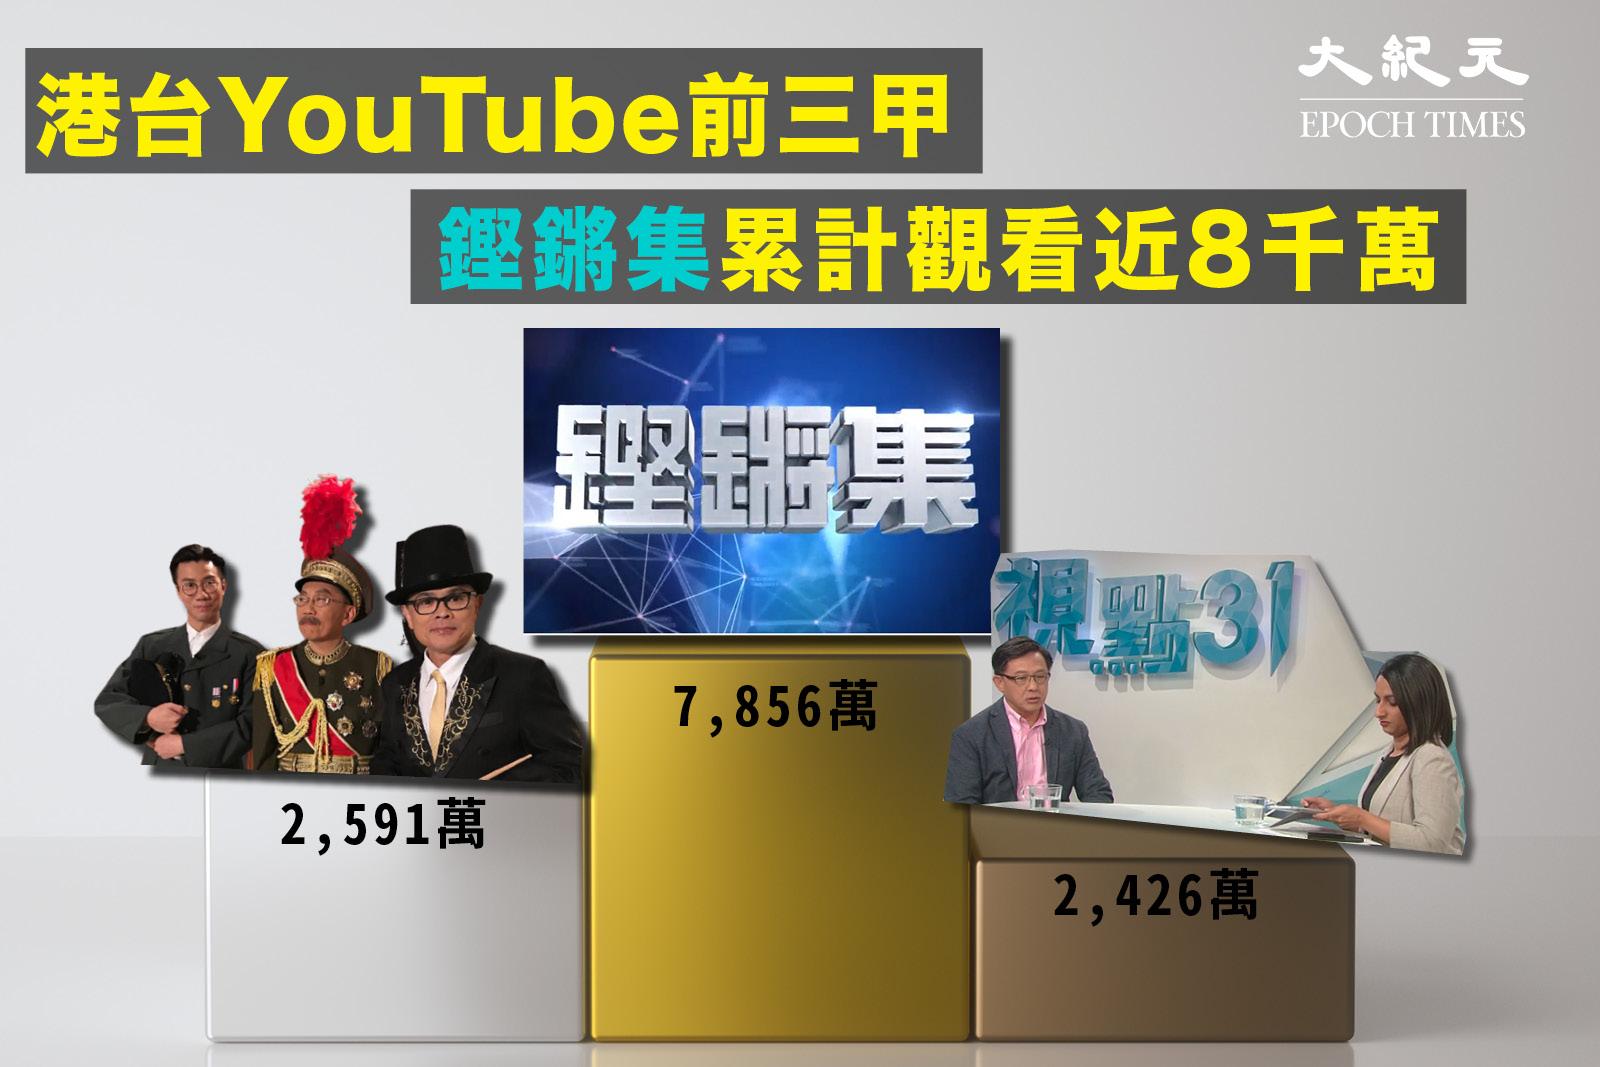 自2016年7月,《鏗鏘集》觀看次數最高,累計達7,856萬次;《頭條新聞》次之,有2,591萬次觀看。(大紀元製圖)